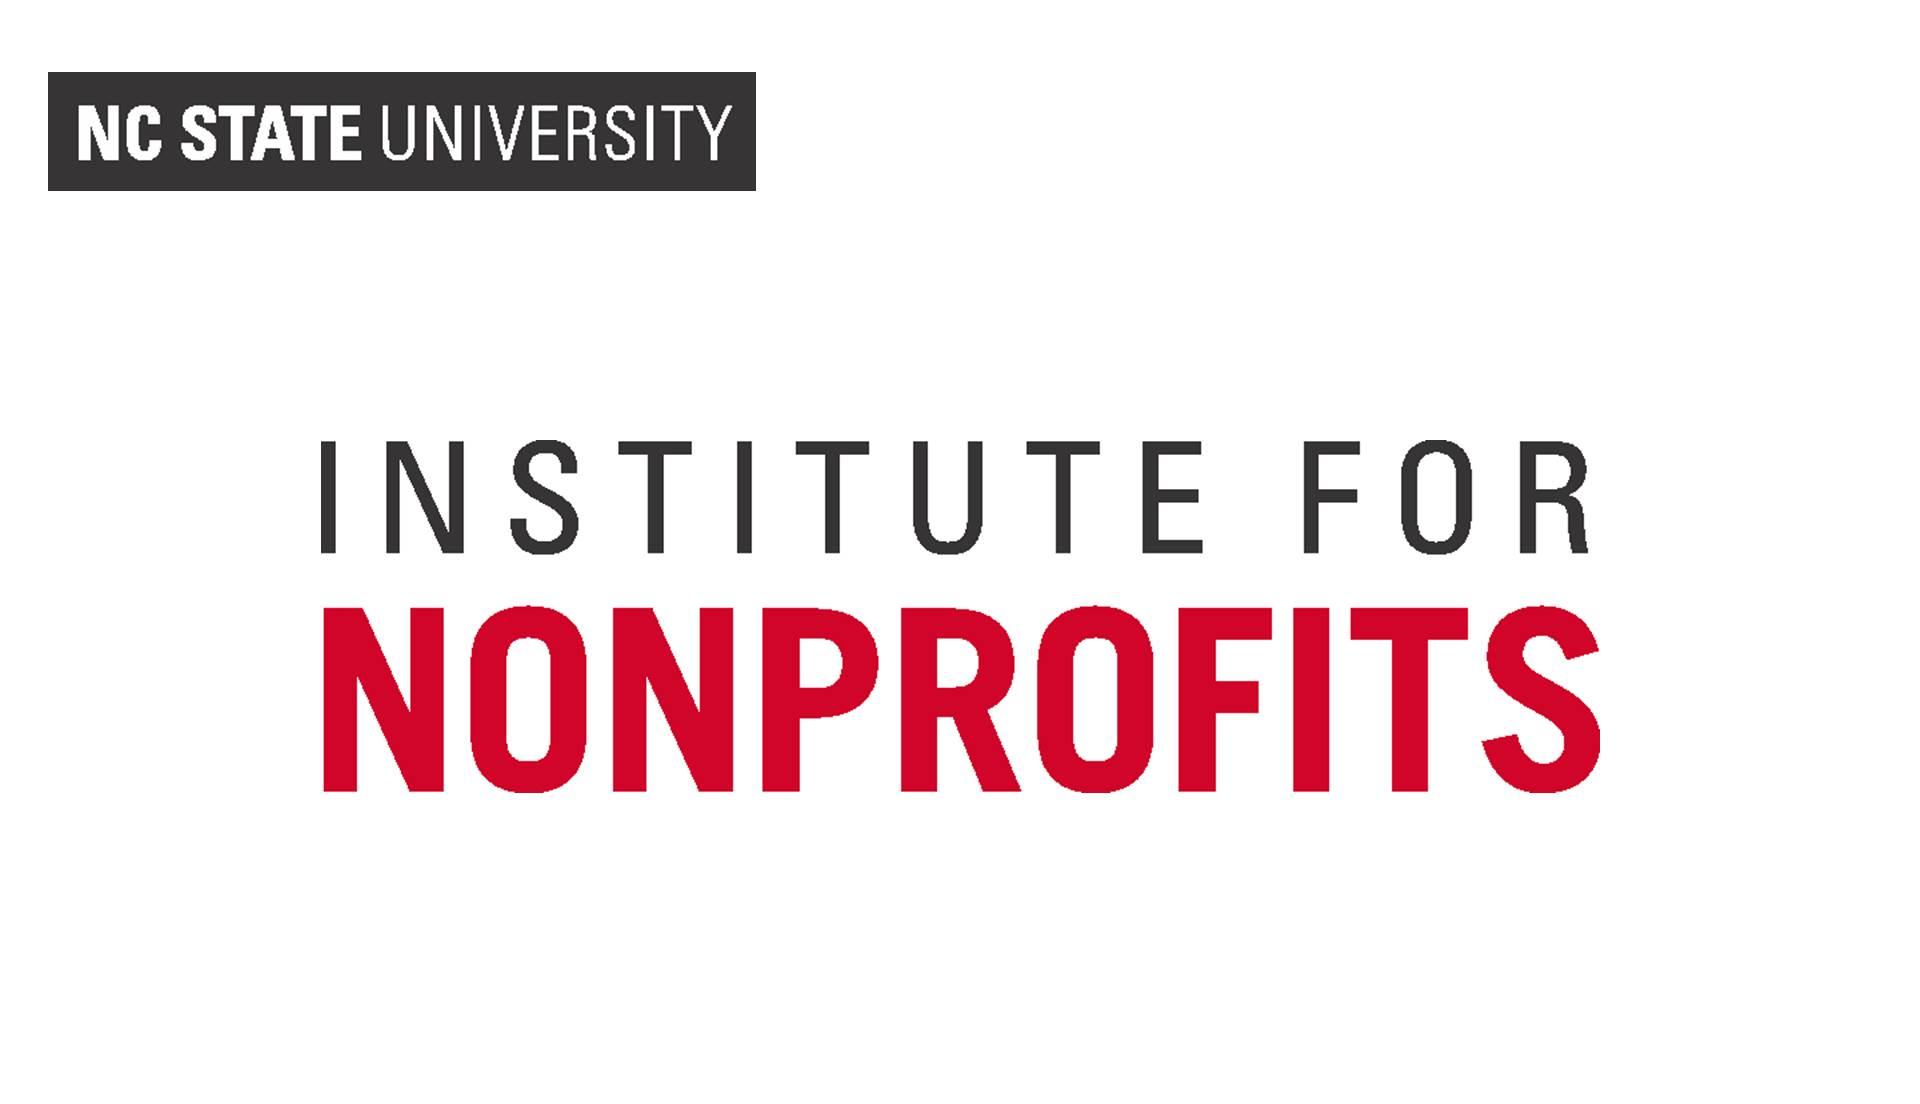 NCSU Institute for Nonprofits